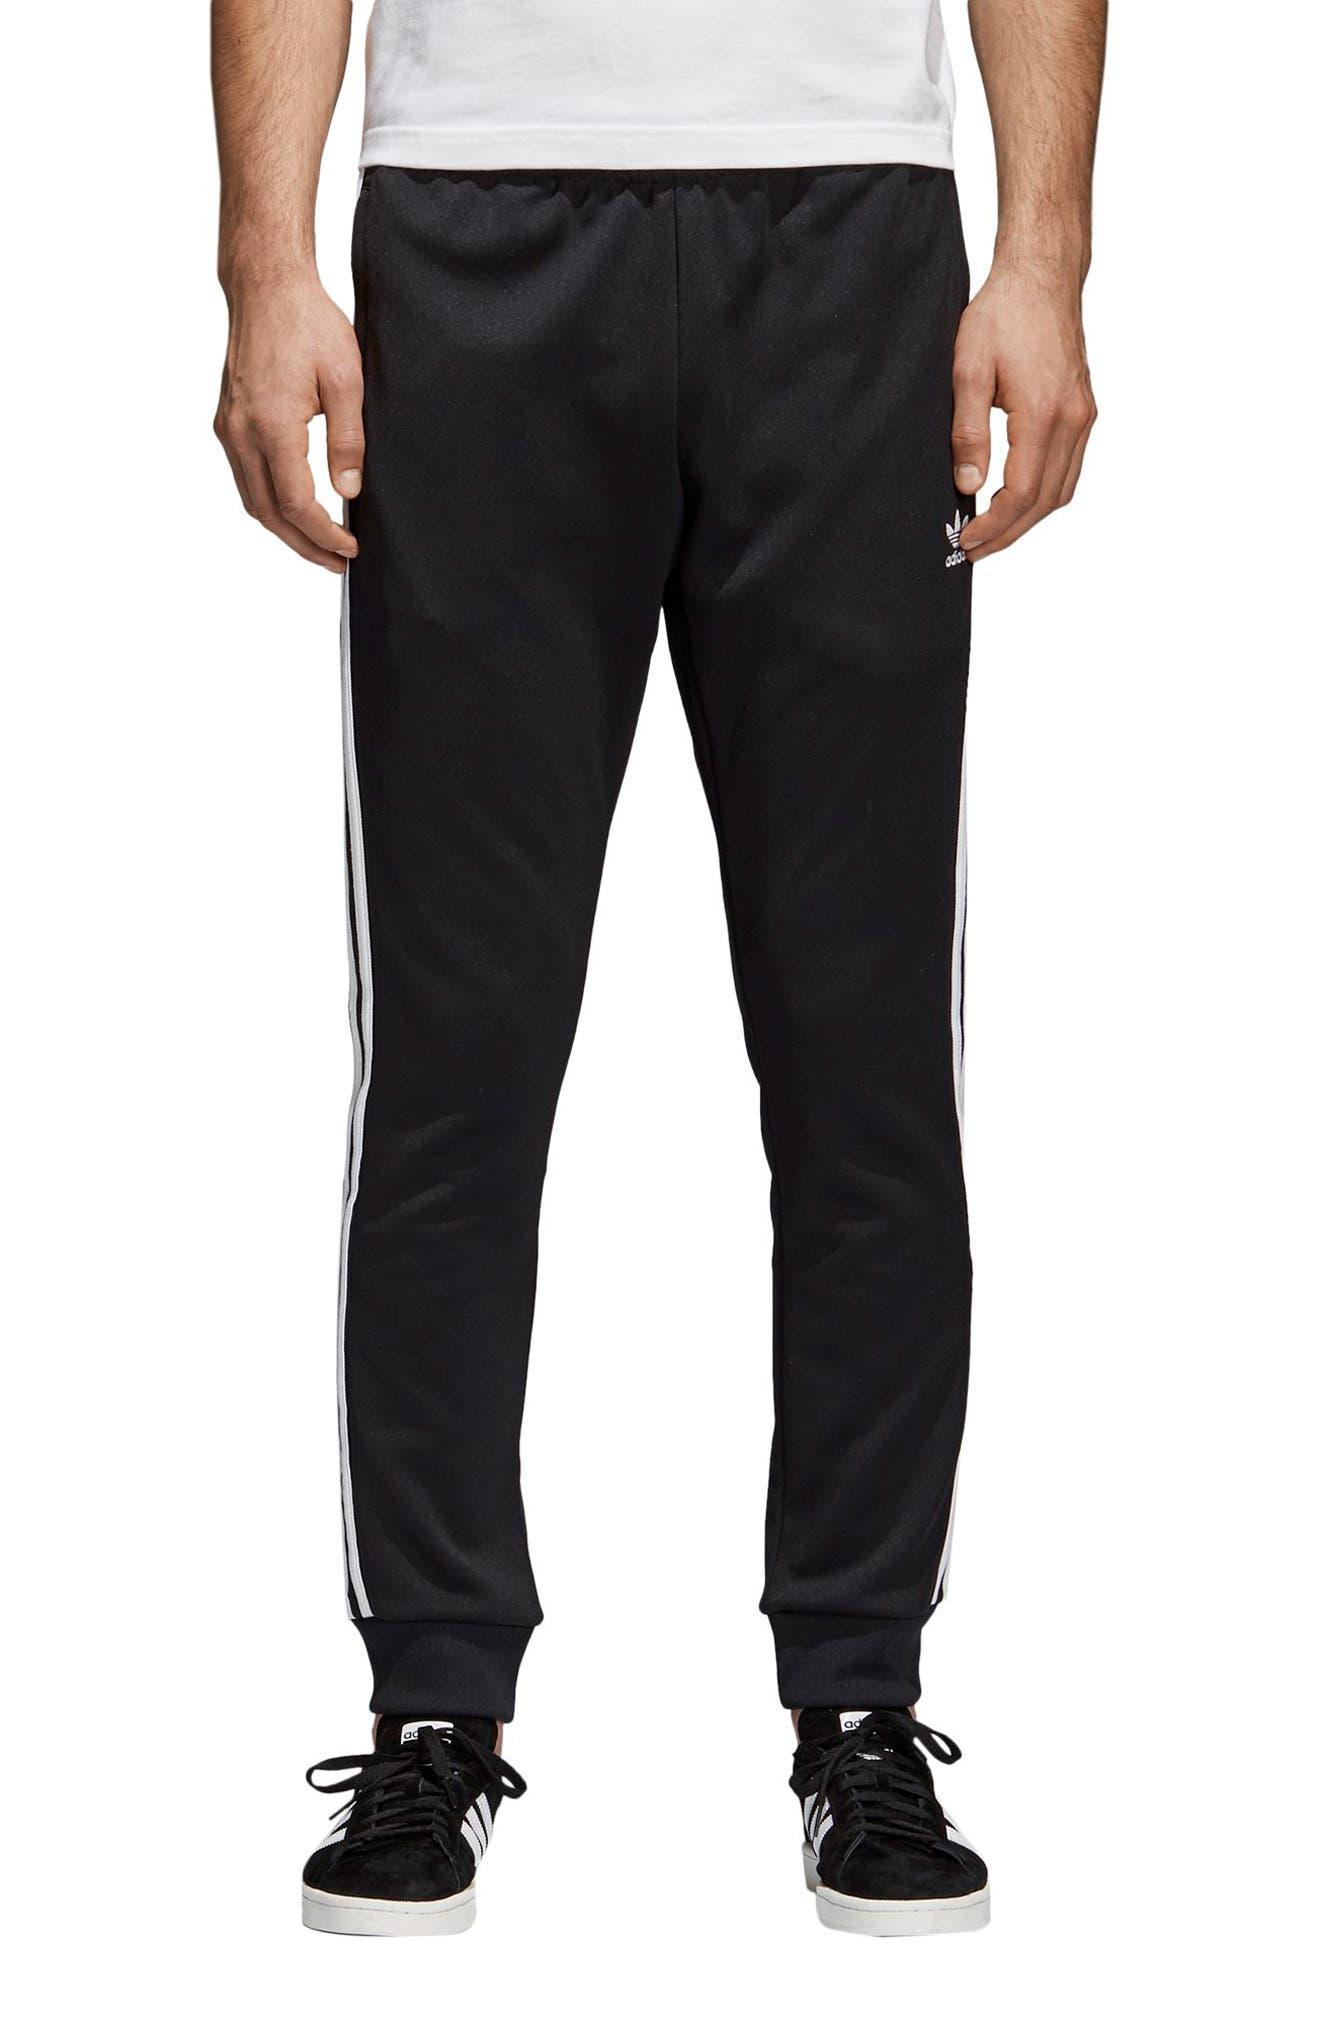 Men's Adidas Originals Track Pants